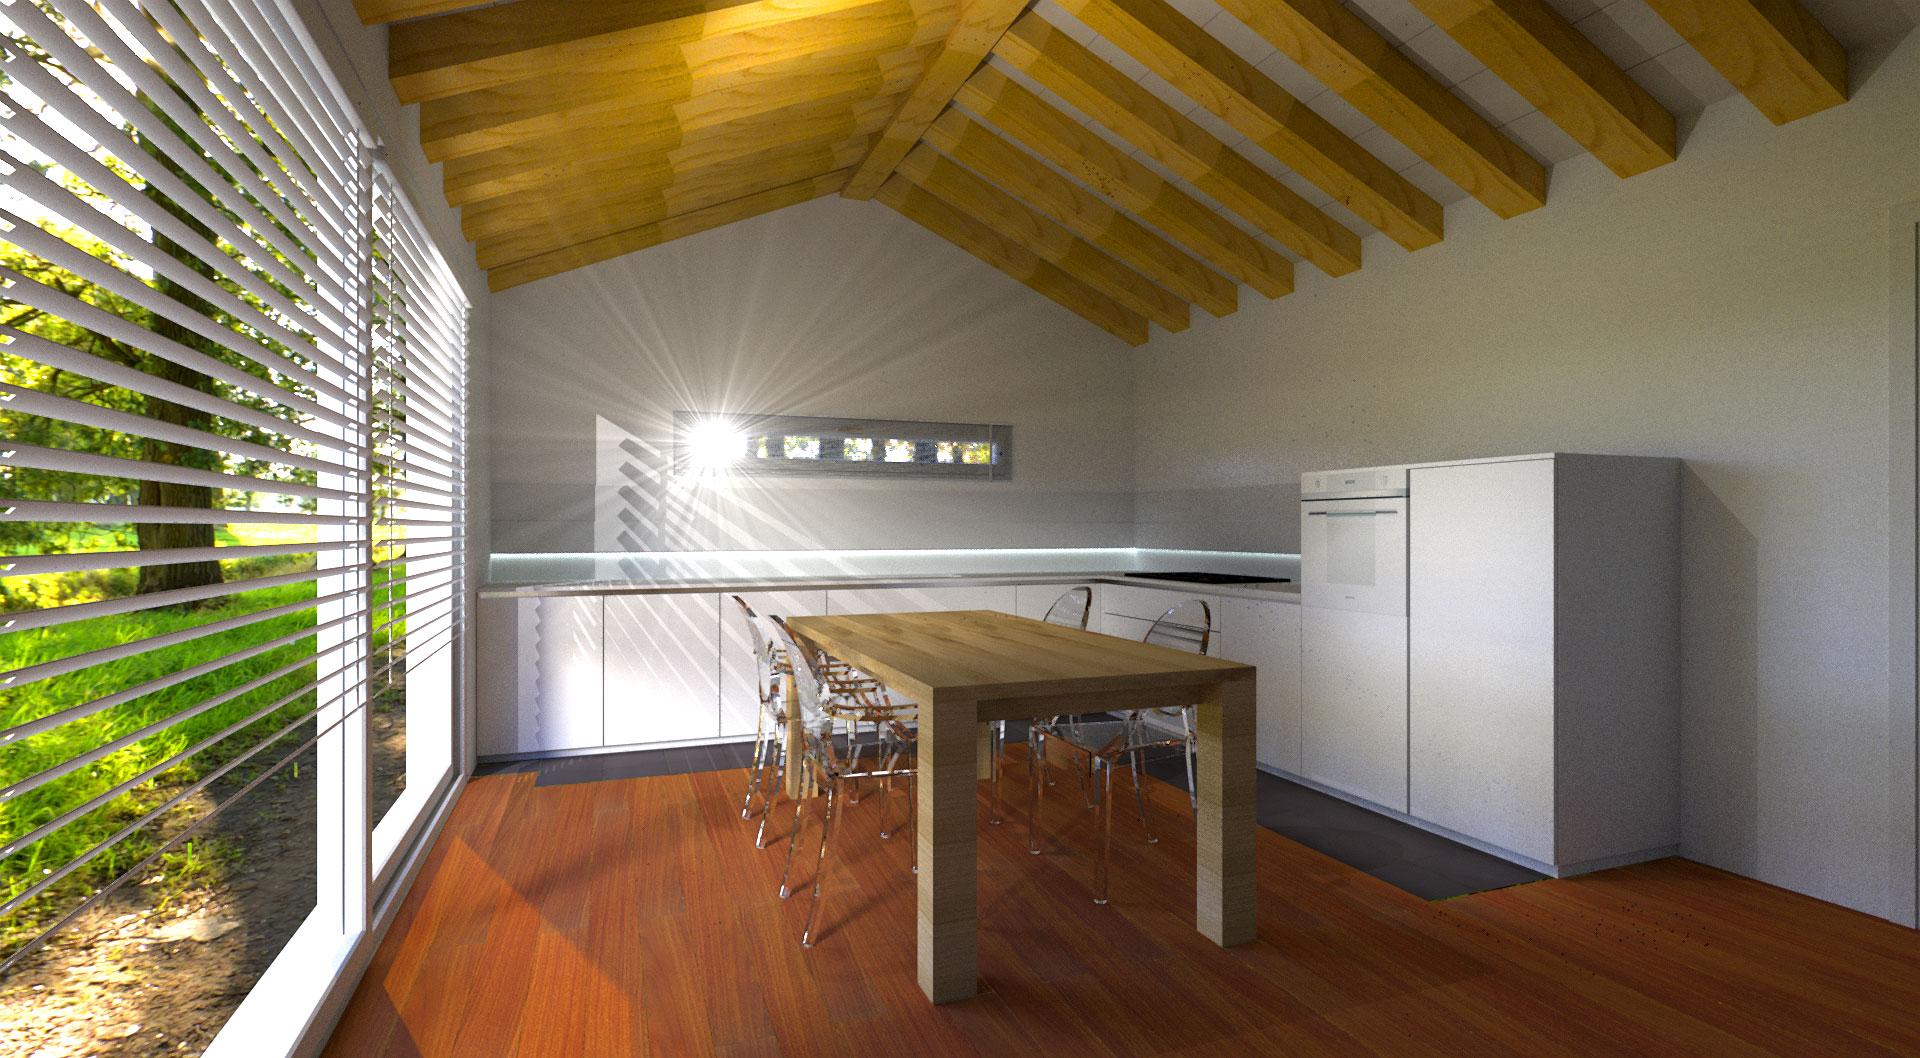 Studio progettazione interni design interni venezia mestre - Blocco cucina 160 cm ...